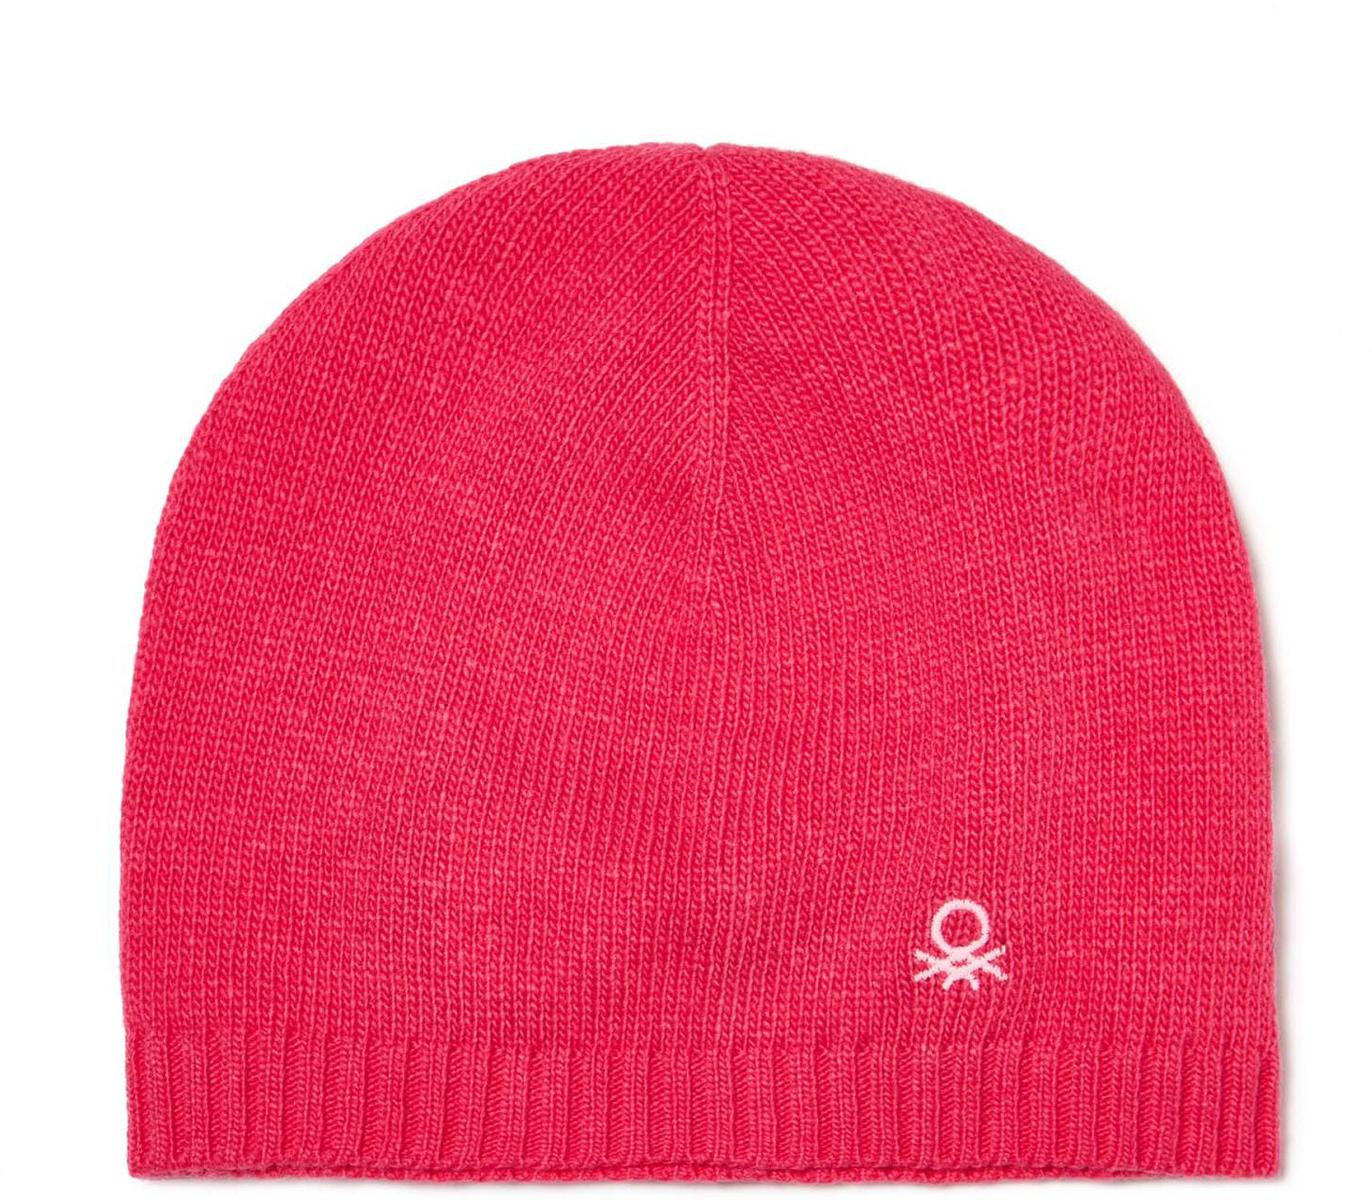 Шапка для мальчика United Colors of Benetton, цвет: розовый. 1232C0157_2J2. Размер 52/541232C0157_2J2Шапка для мальчика United Colors of Benetton выполнена из качественной пряжи. Такая шапка согреет вашего ребенка в холодное время года.Уважаемые клиенты!Размер, доступный для заказа, является обхватом головы.